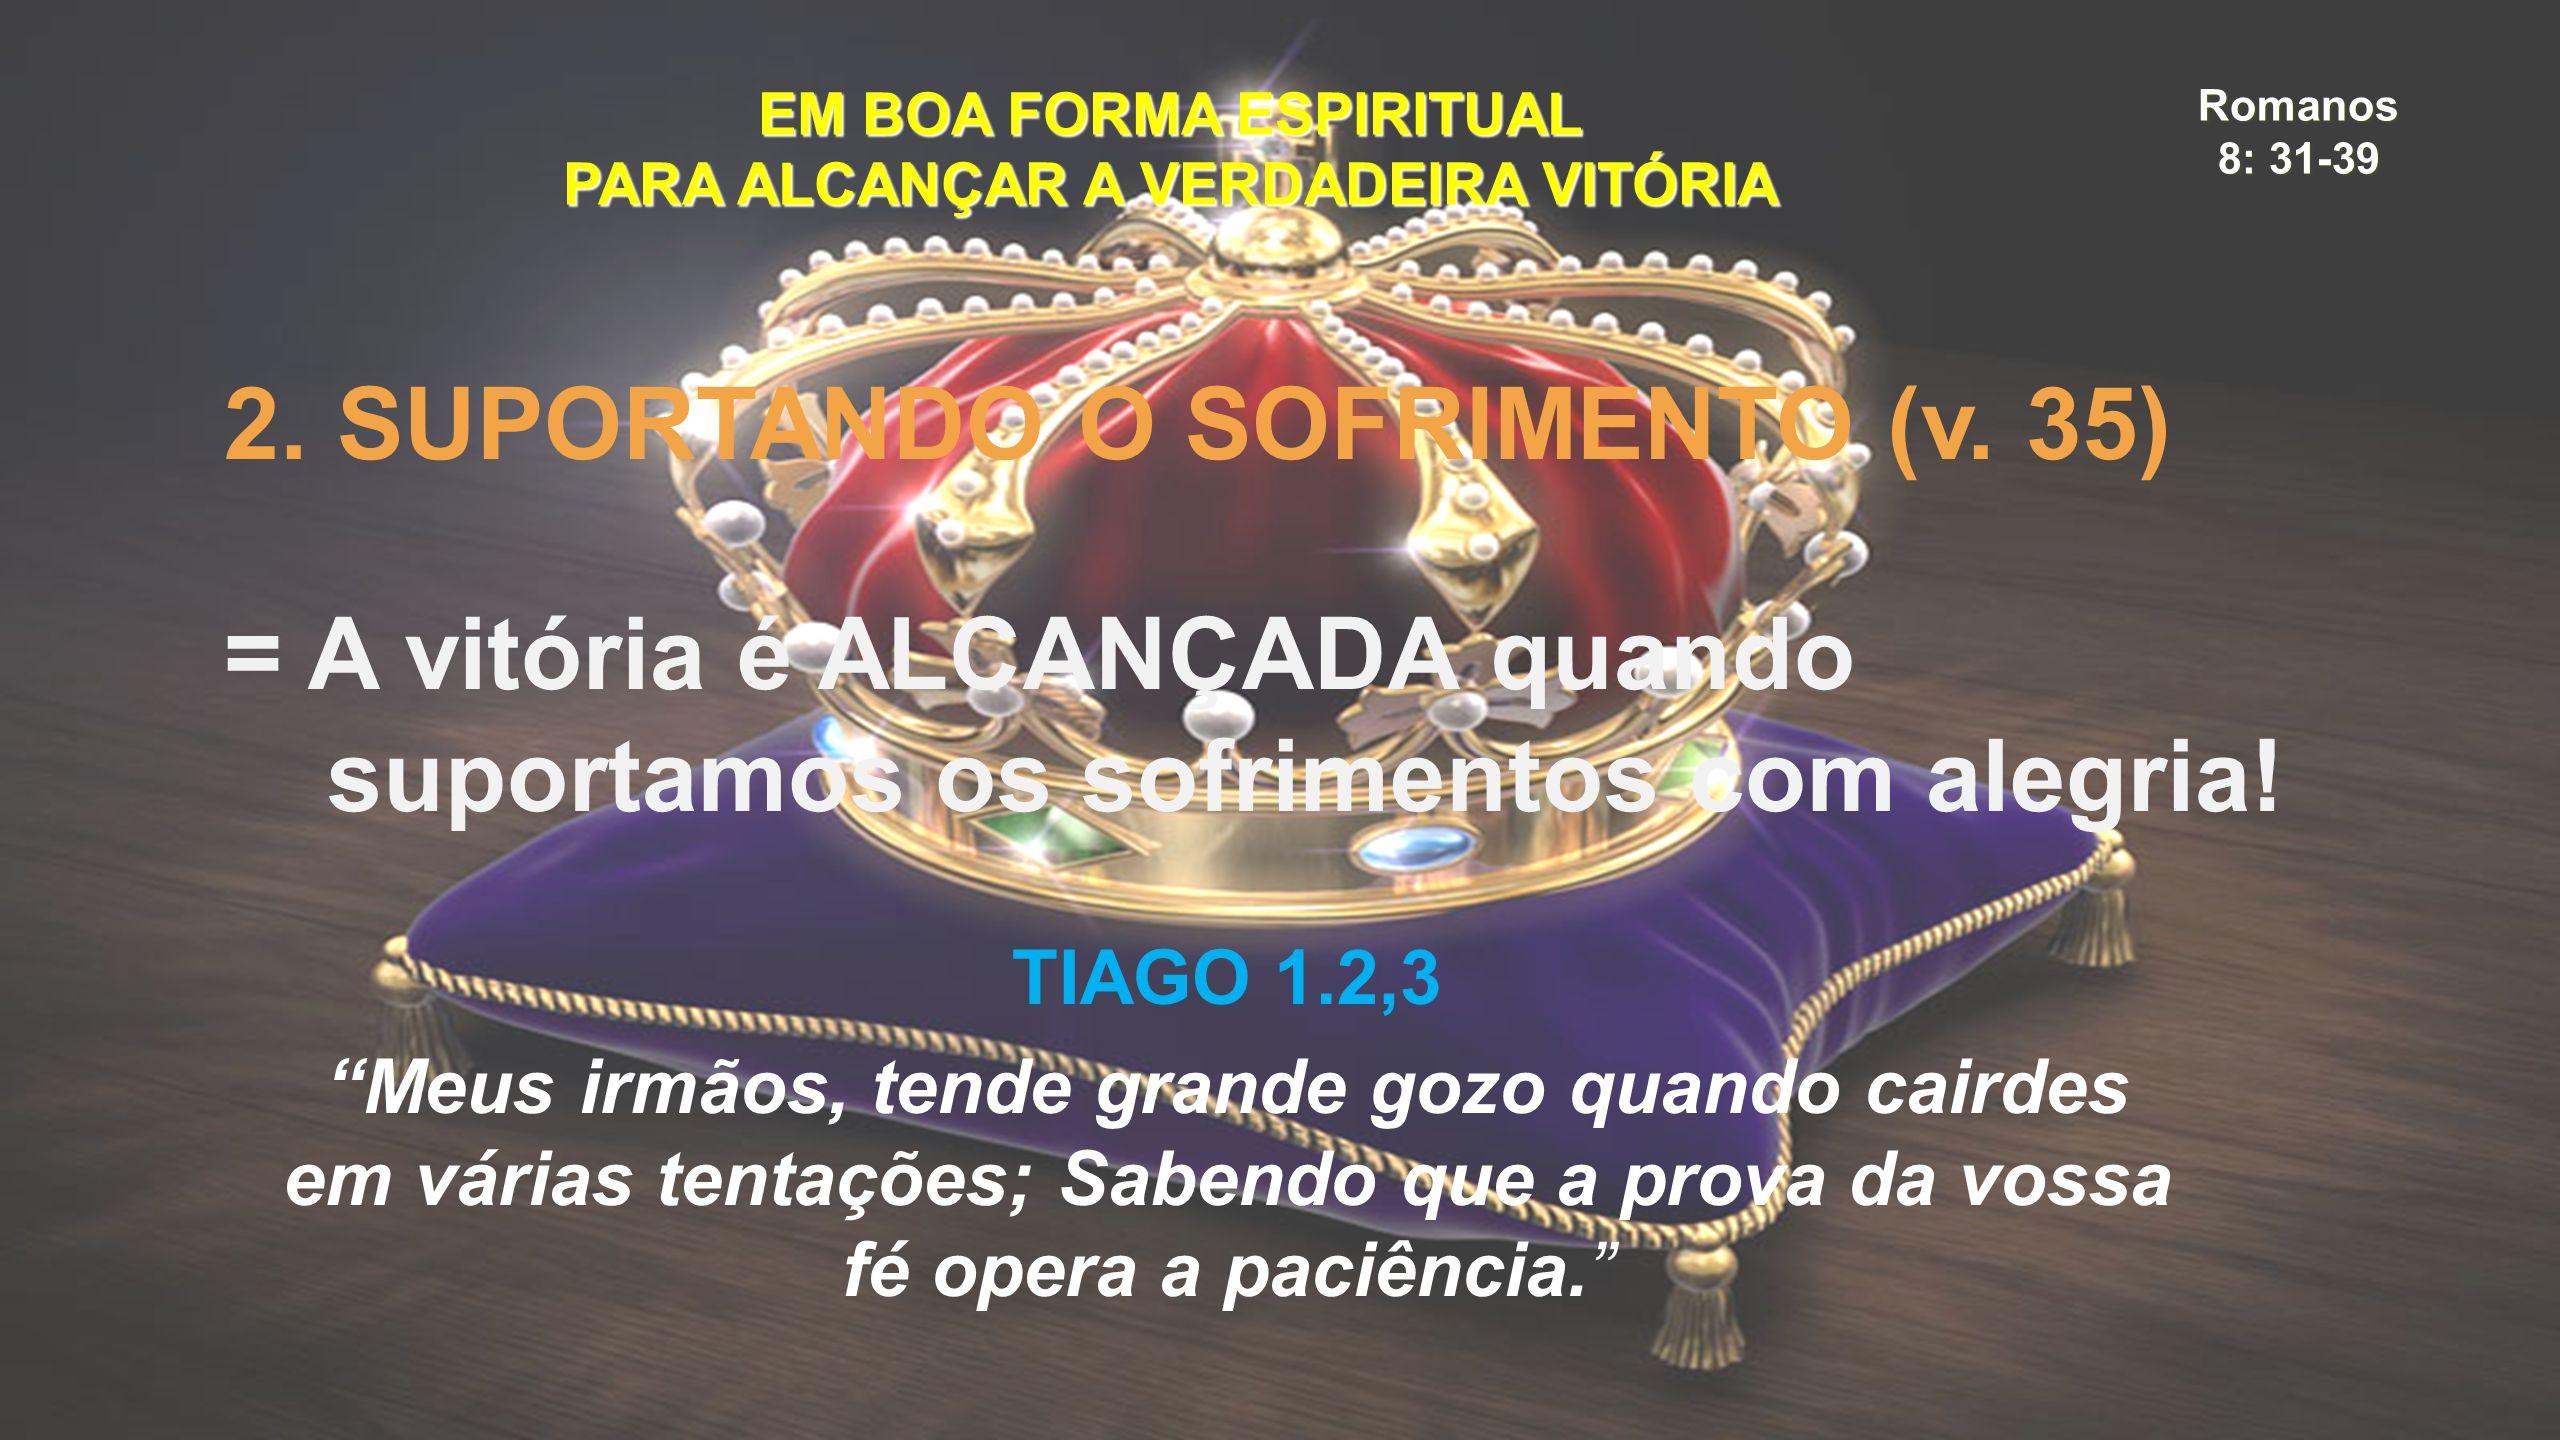 Romanos 8: 31-39 EM BOA FORMA ESPIRITUAL PARA ALCANÇAR A VERDADEIRA VITÓRIA 2. SUPORTANDO O SOFRIMENTO (v. 35) = A vitória é ALCANÇADA quando suportam